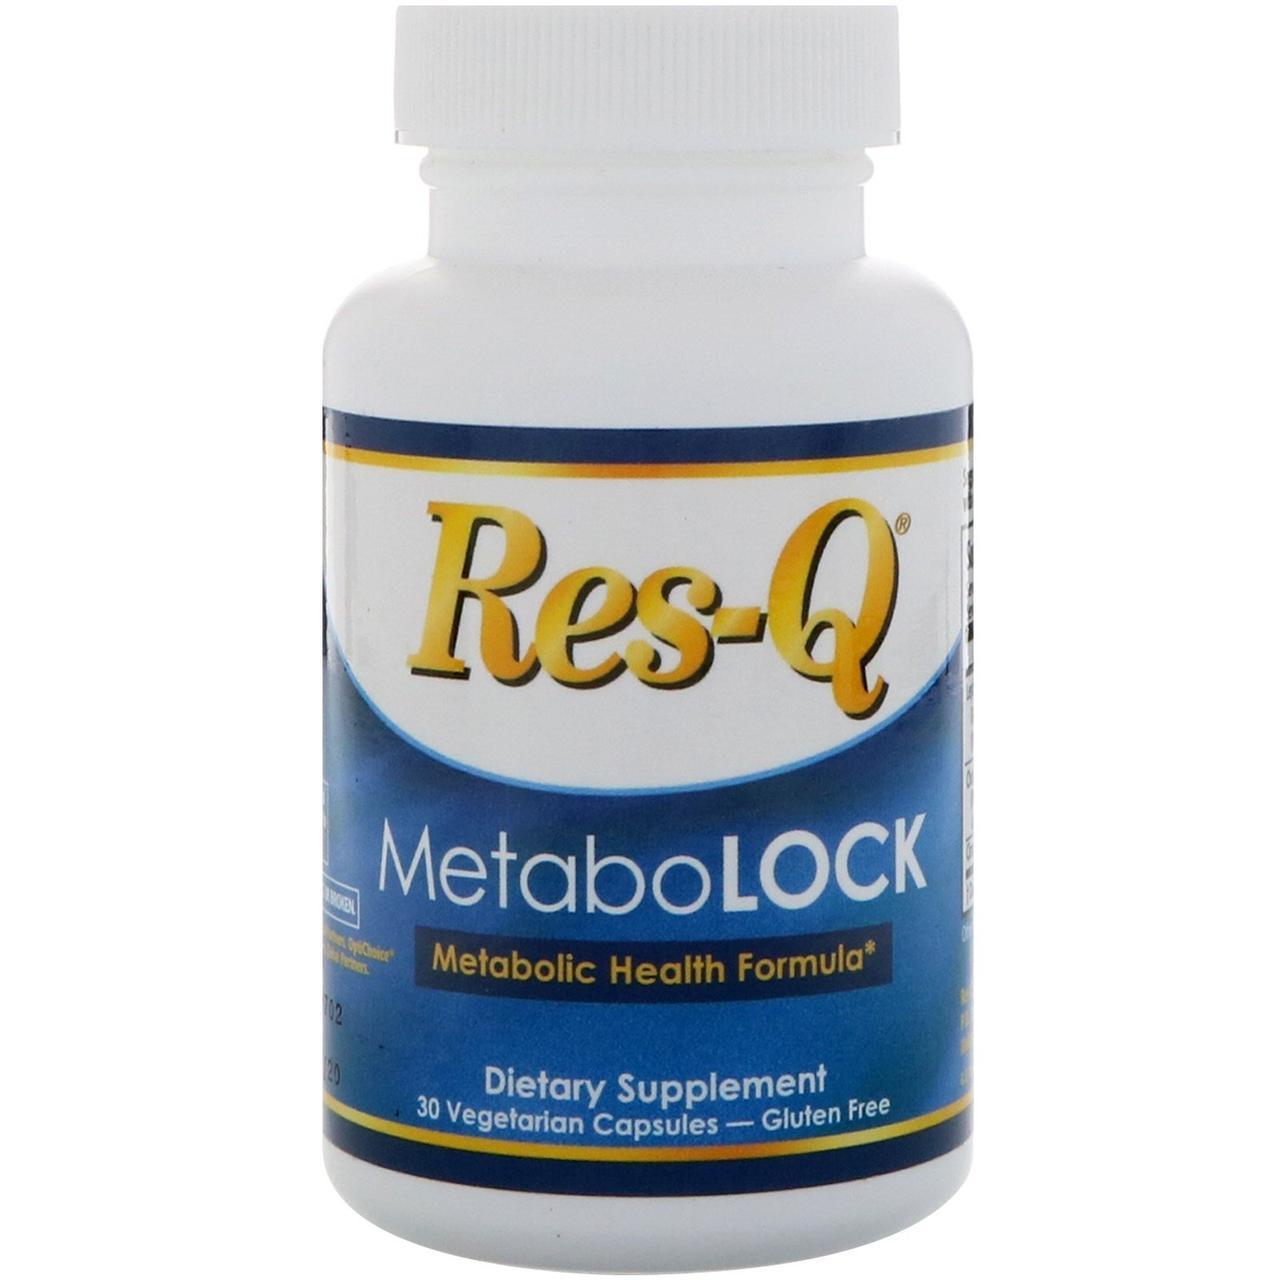 Res-Q, MetaboLOCK, формула для поддержки метаболизма, 30 вегетарианских капсул